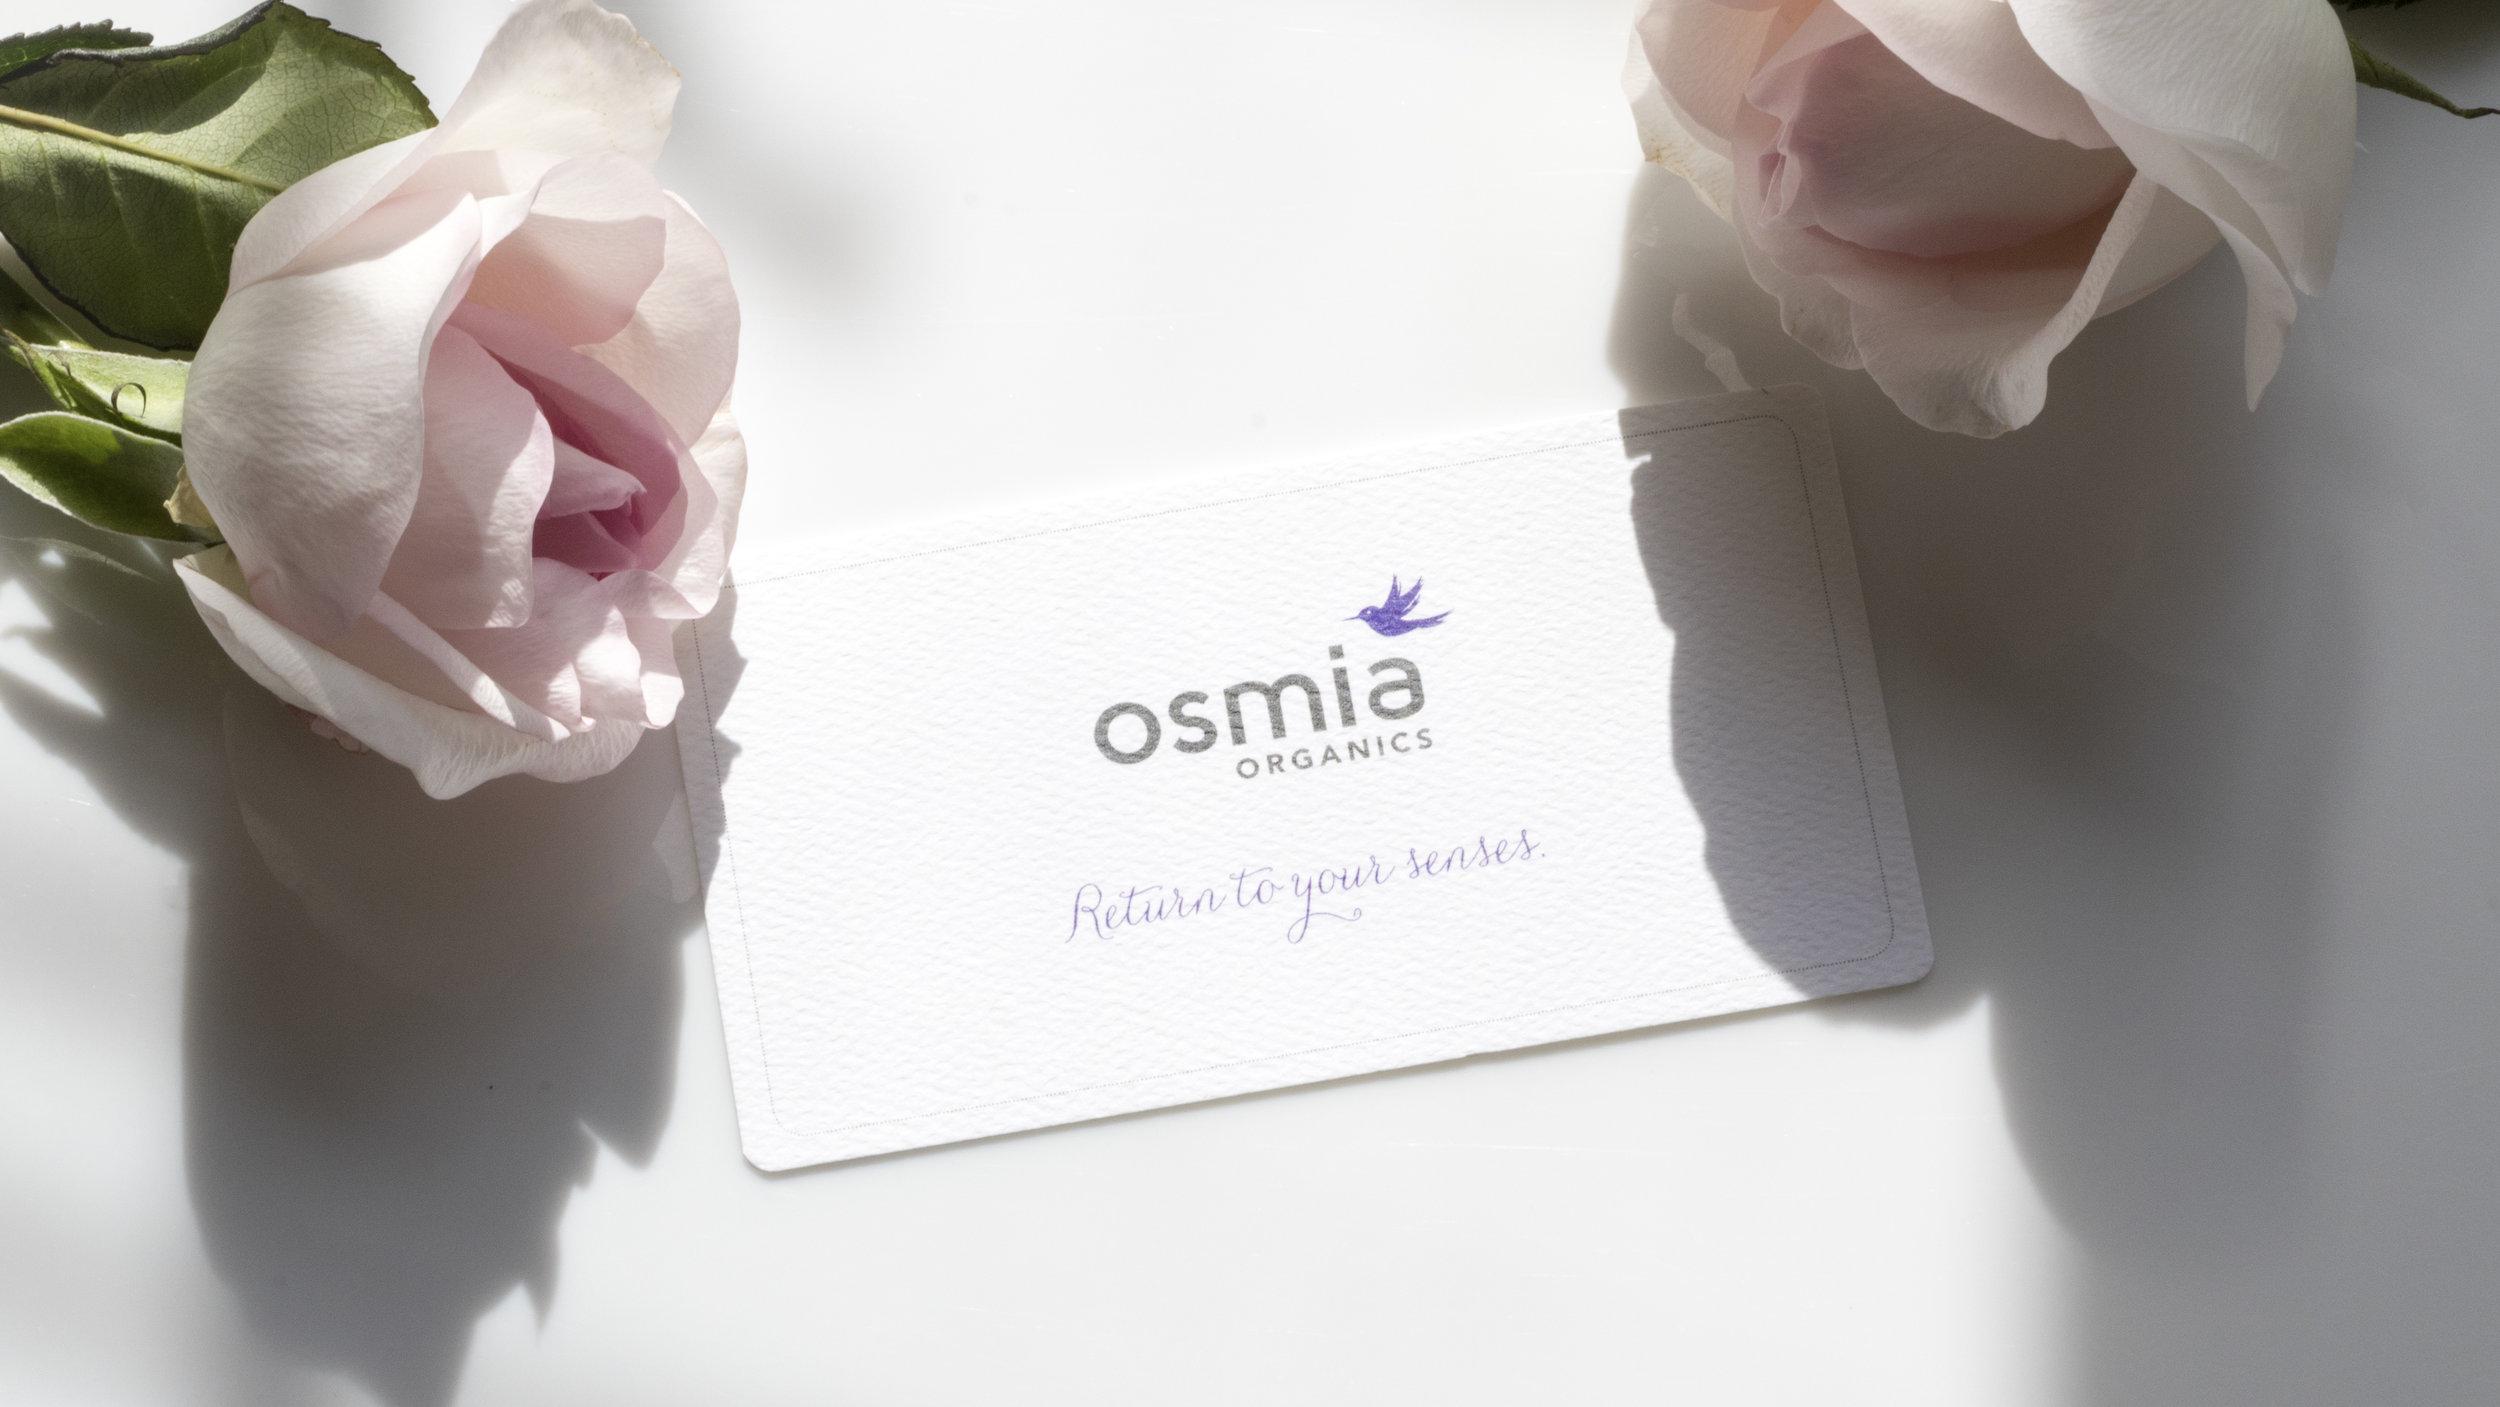 osmia_8blog.jpg